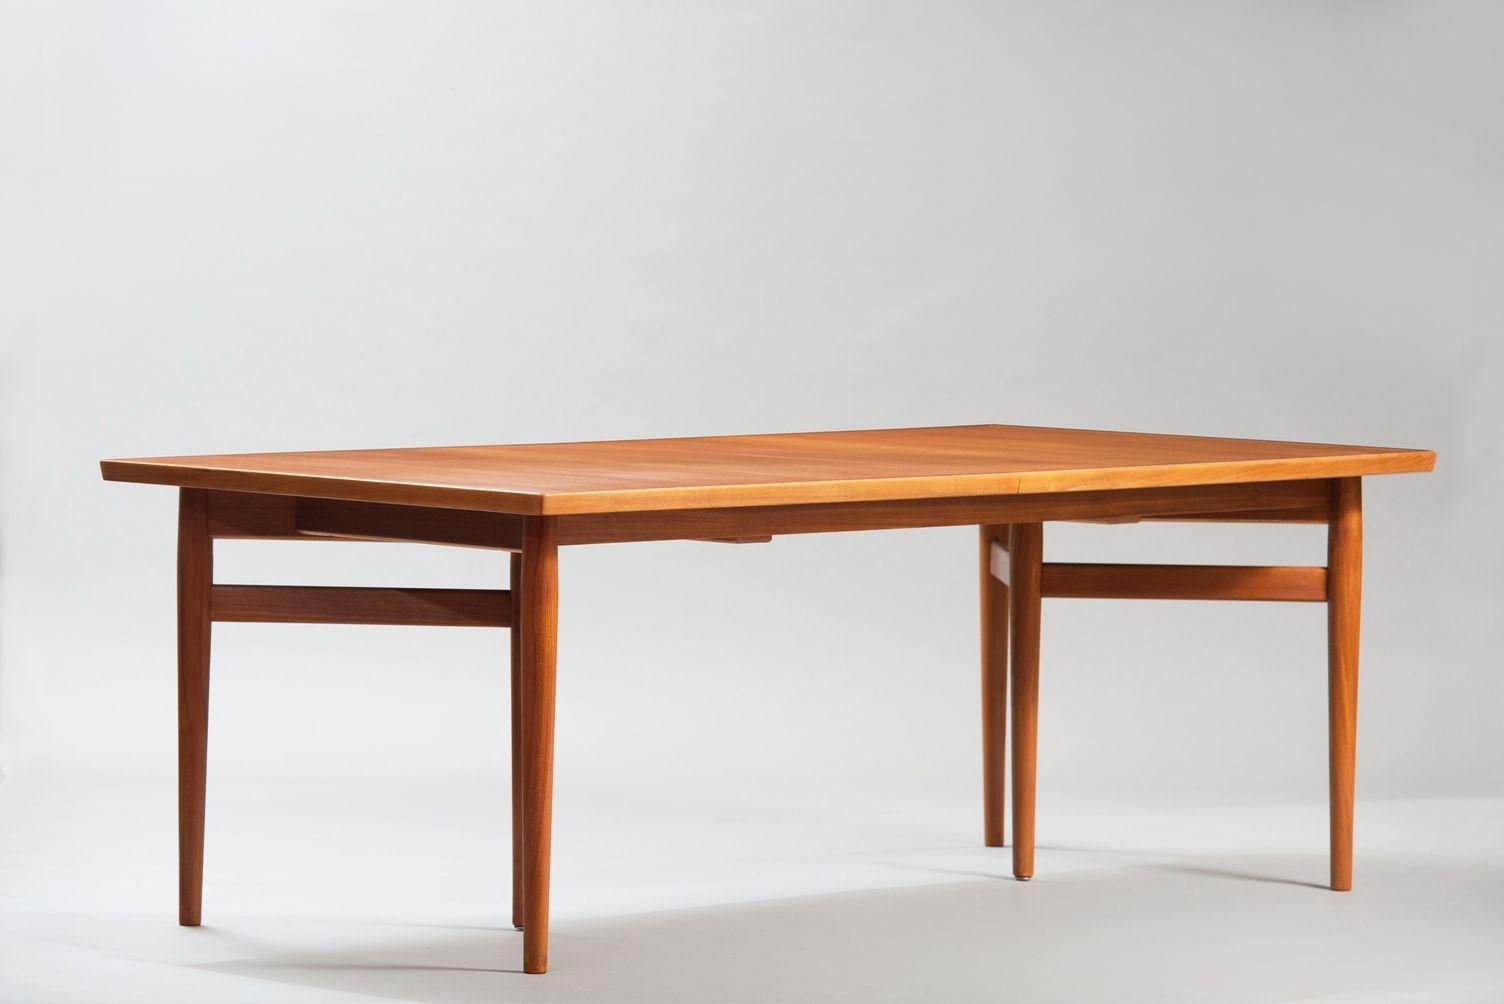 Esstisch Mid Century ~ Ausziehbarer MidCentury Esstisch mit Sechs Tischbeinen von Arne Vodder für S